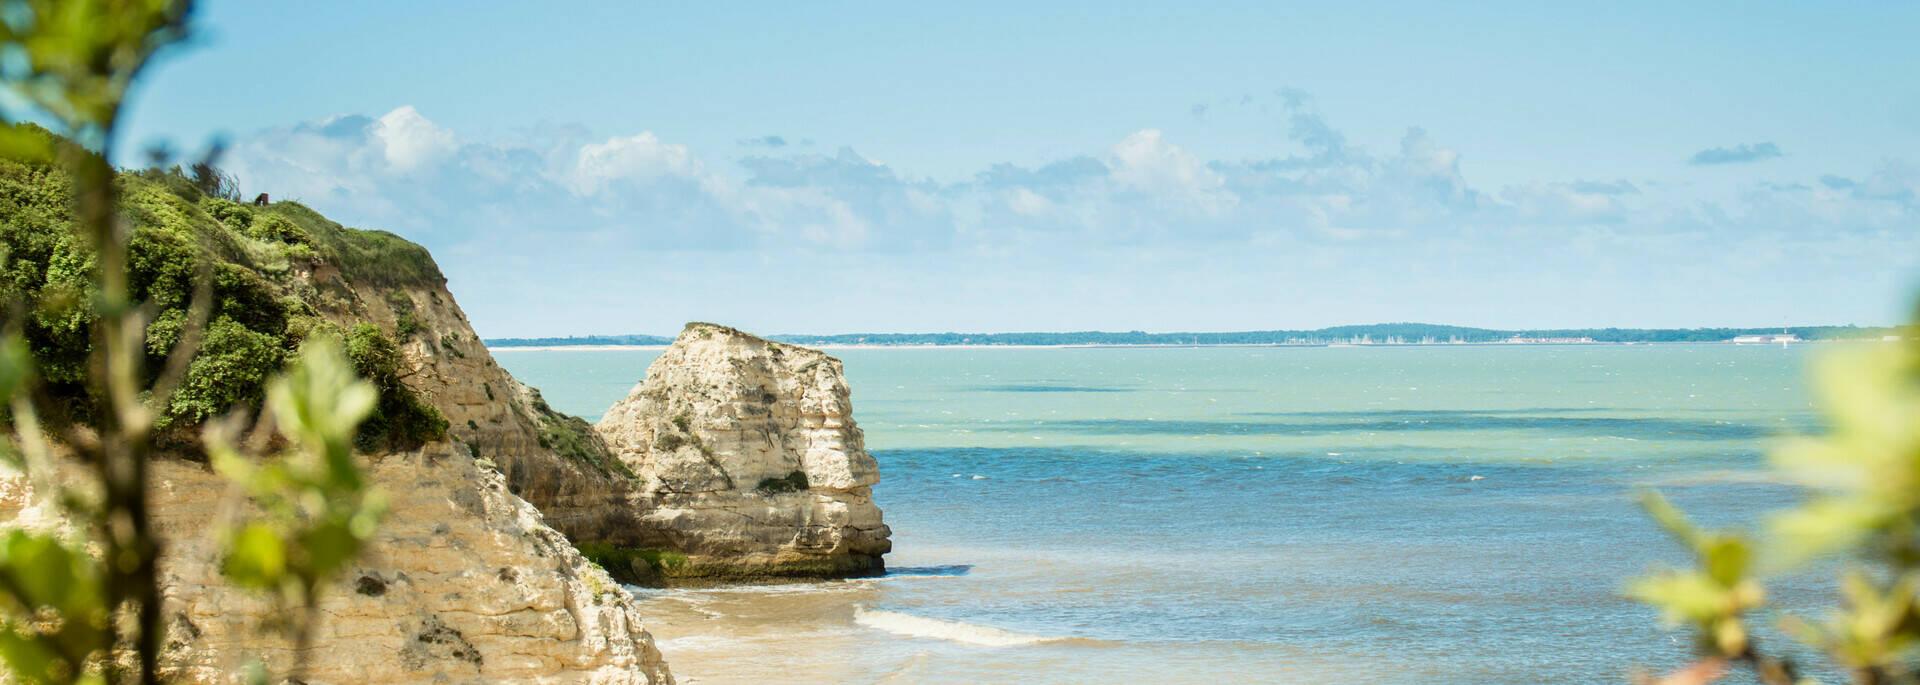 Halte nature sur l'île Madame, l'un des sites les plus enchanteurs de Rochefort Océan - © Laurent Pétillon